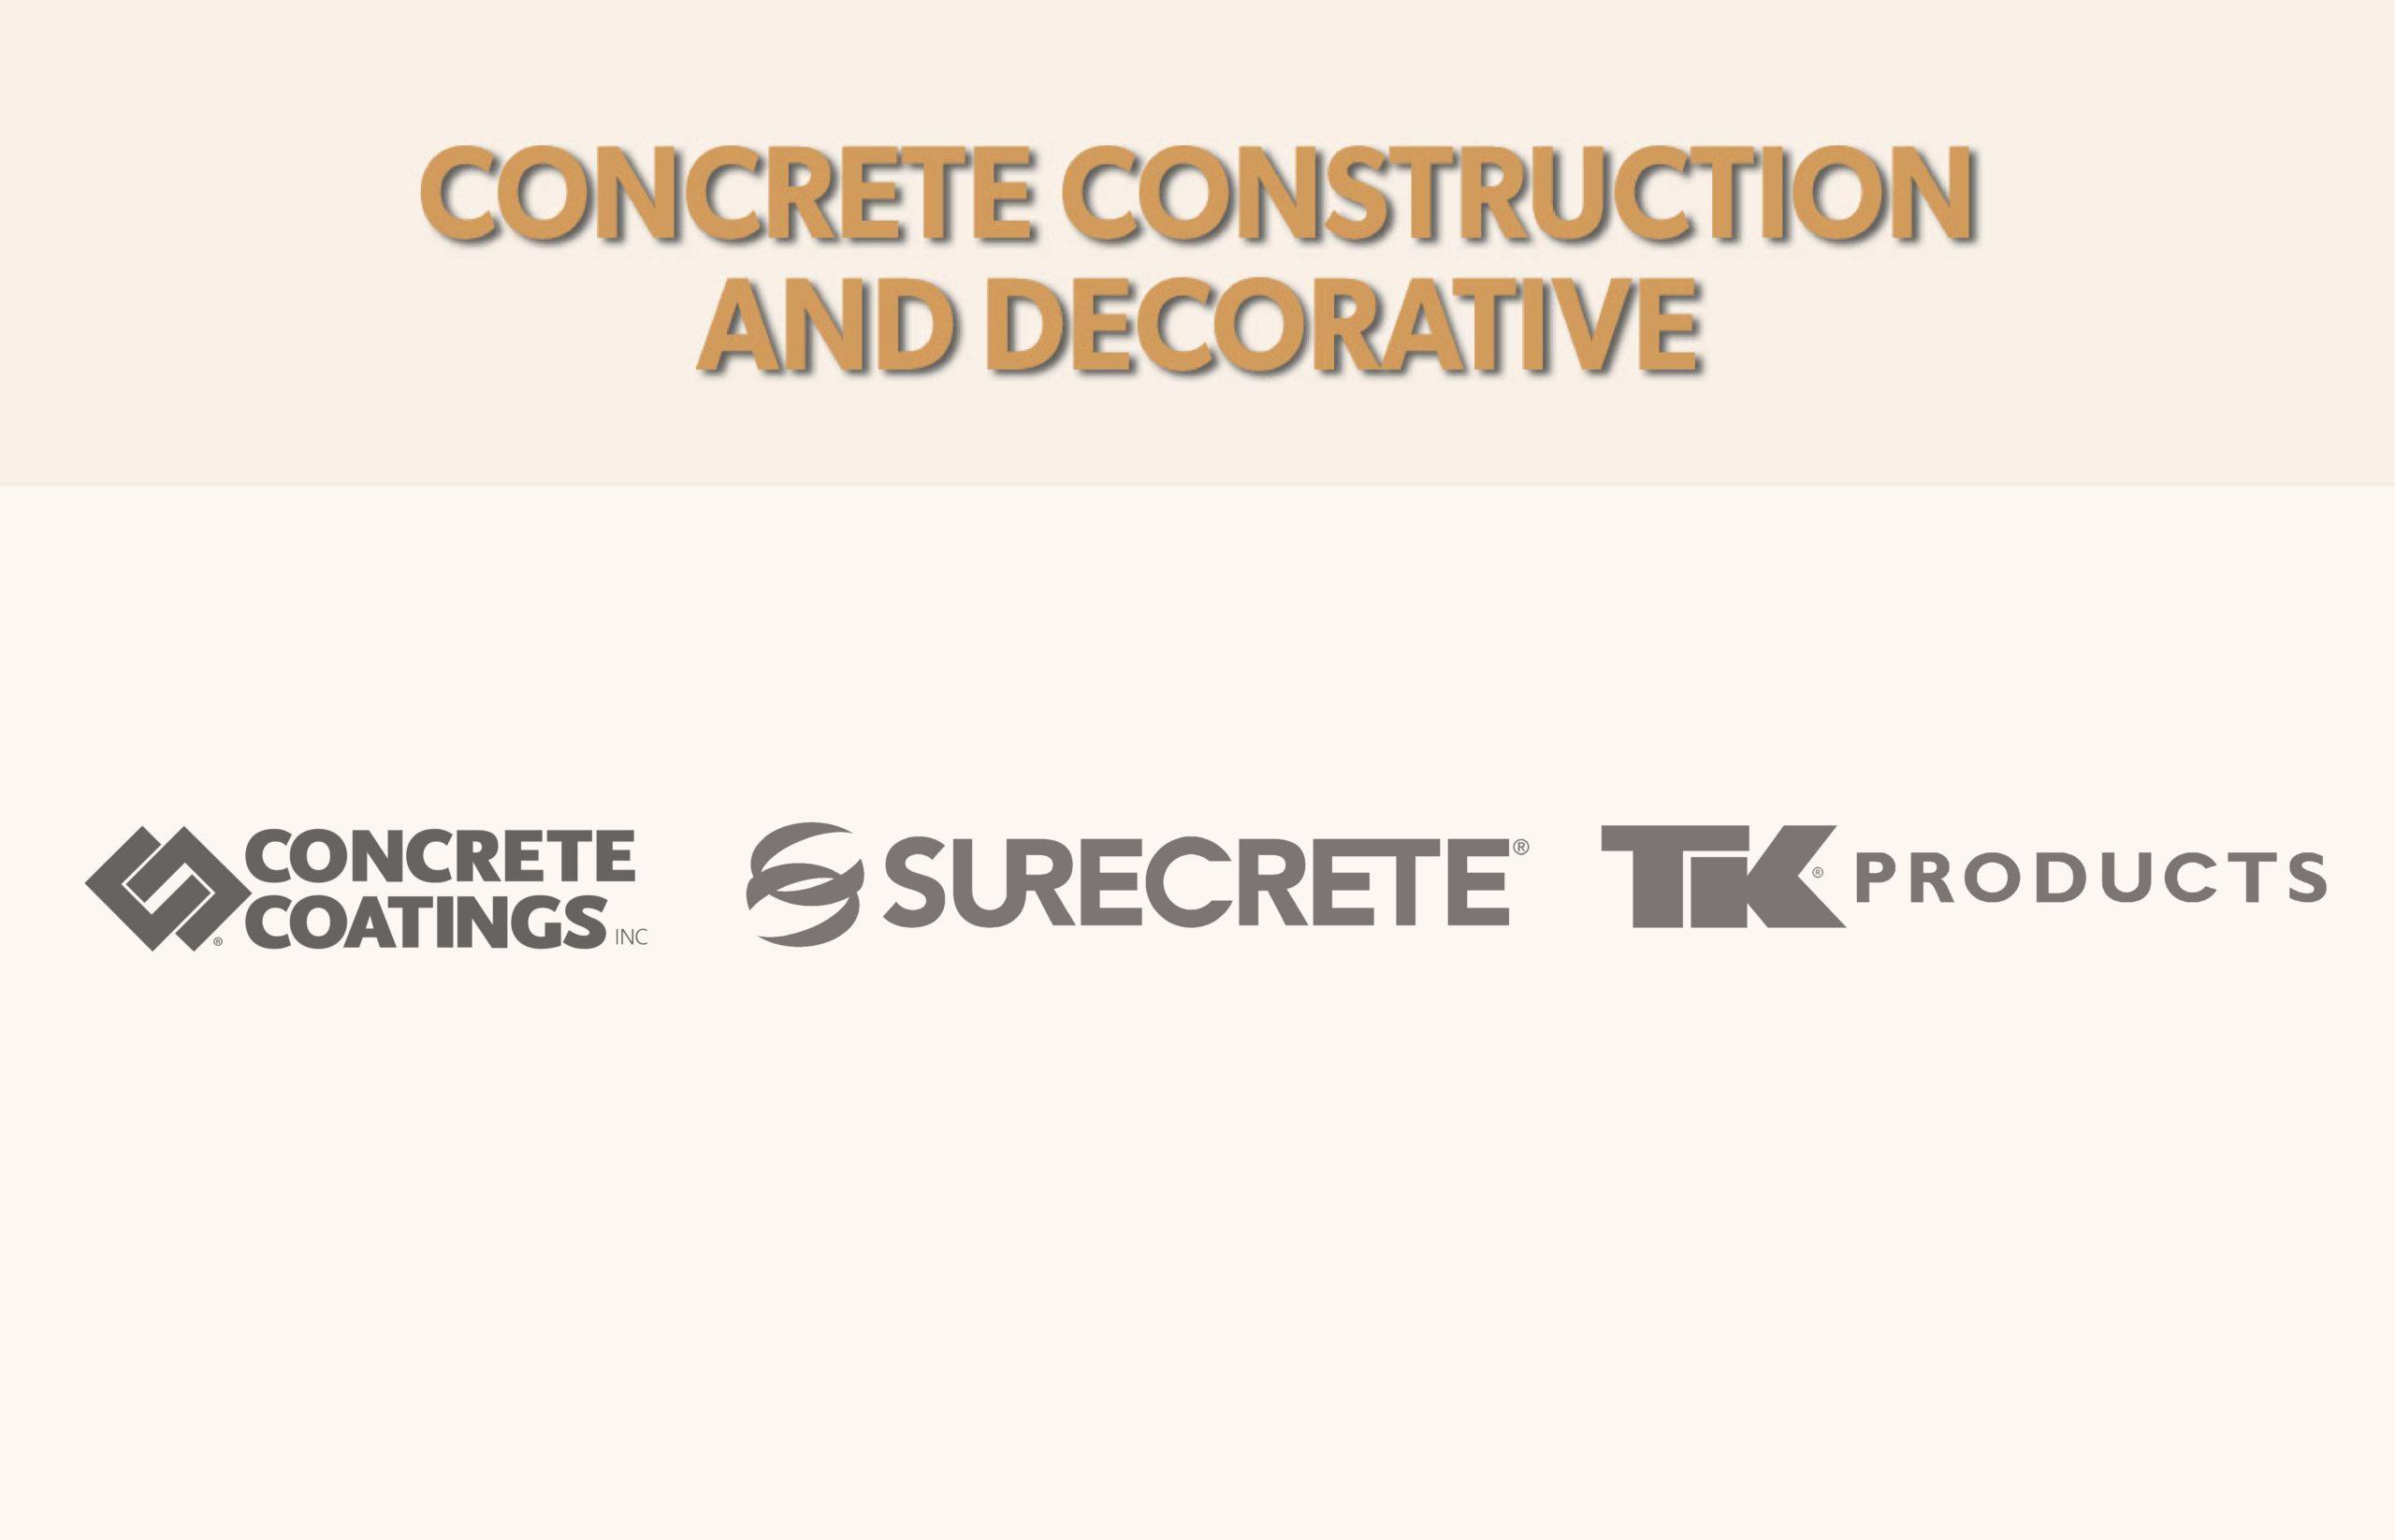 Fenix Group Construction Concrete Decorative Division Concrete Coatings, Surecrete, TK Products